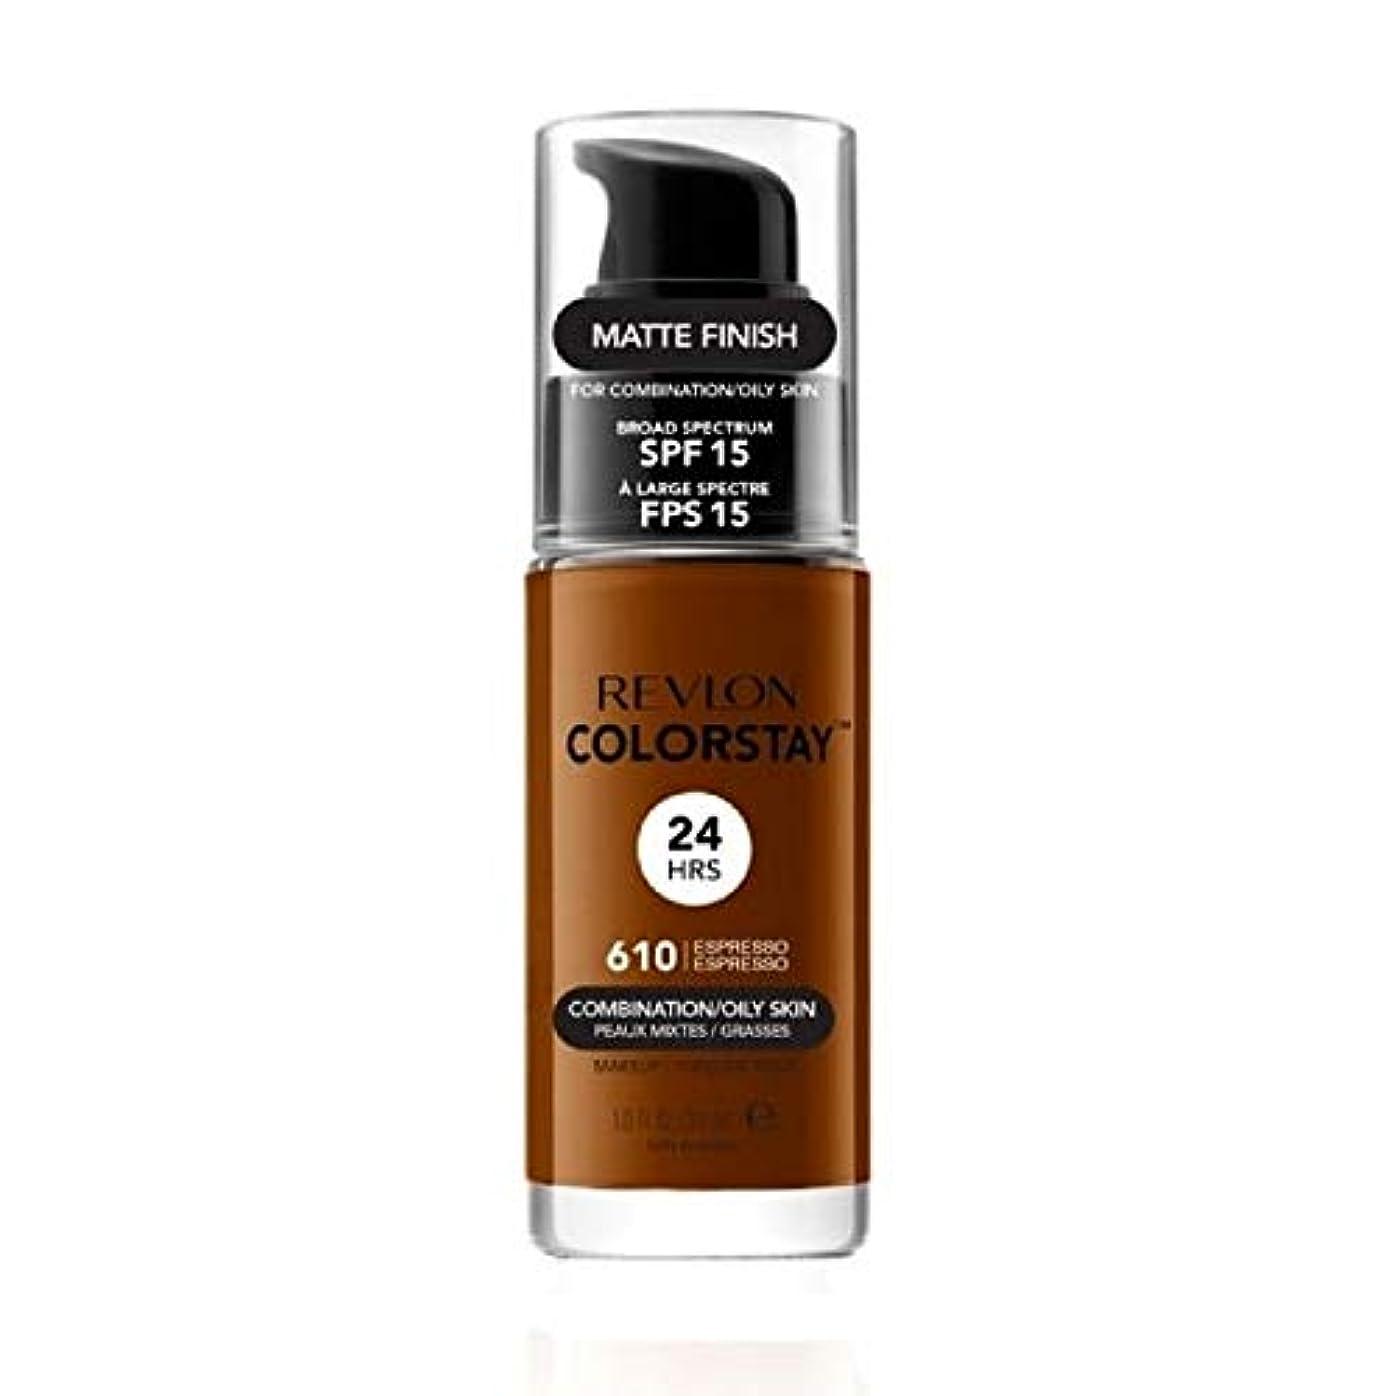 ドナウ川マーティフィールディング人気[Revlon ] レブロンColorstayの基盤コンビオイリー肌の30ミリリットルのエスプレッソ - Revlon Colorstay Foundation Combi Oily skin 30ml Espresso...